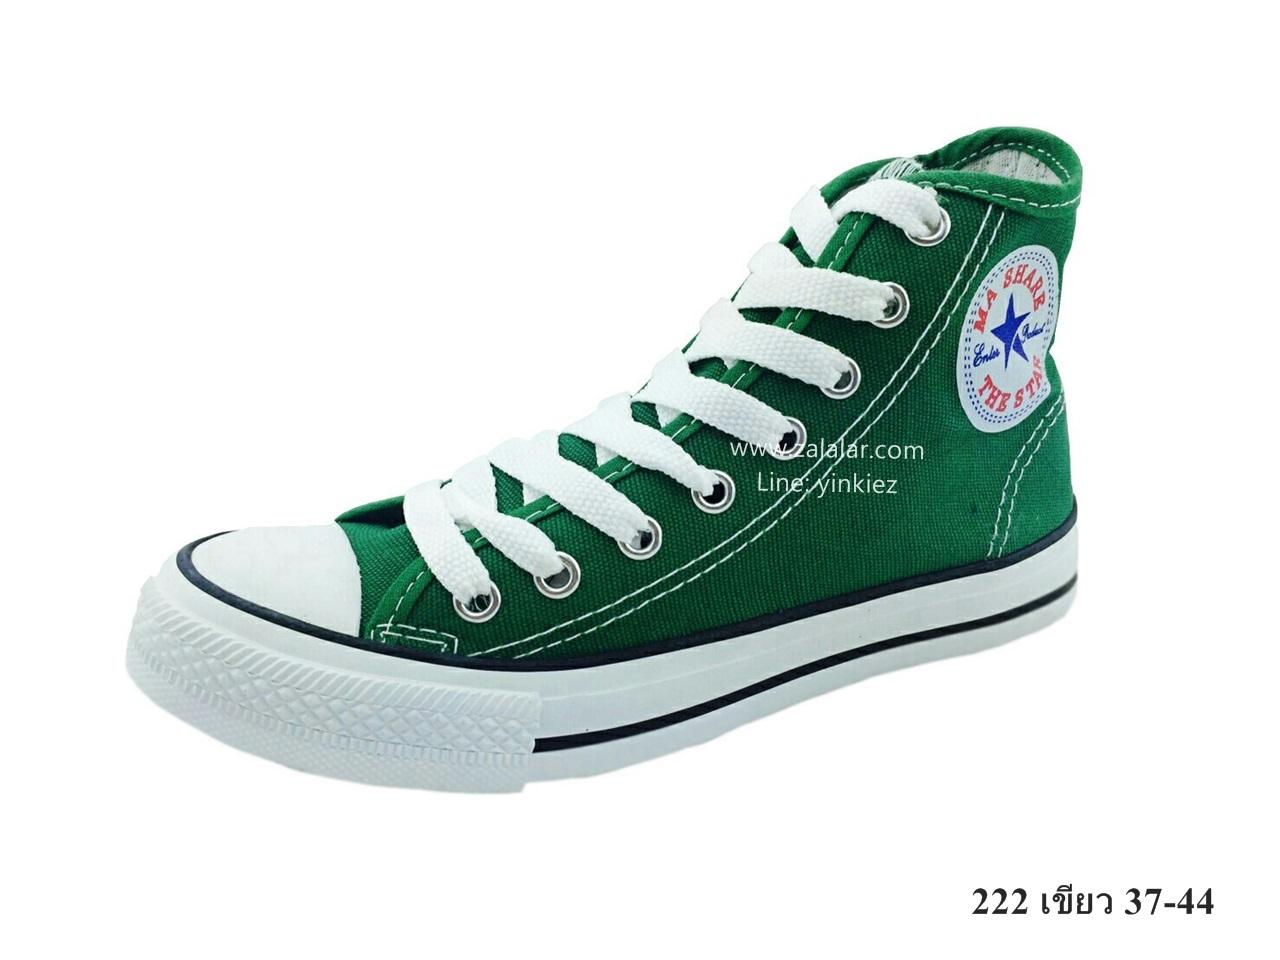 [พร้อมส่ง] รองเท้าผ้าใบแฟชั่น รุ่น 222 สีเขียว ทรงหุ้มข้อ